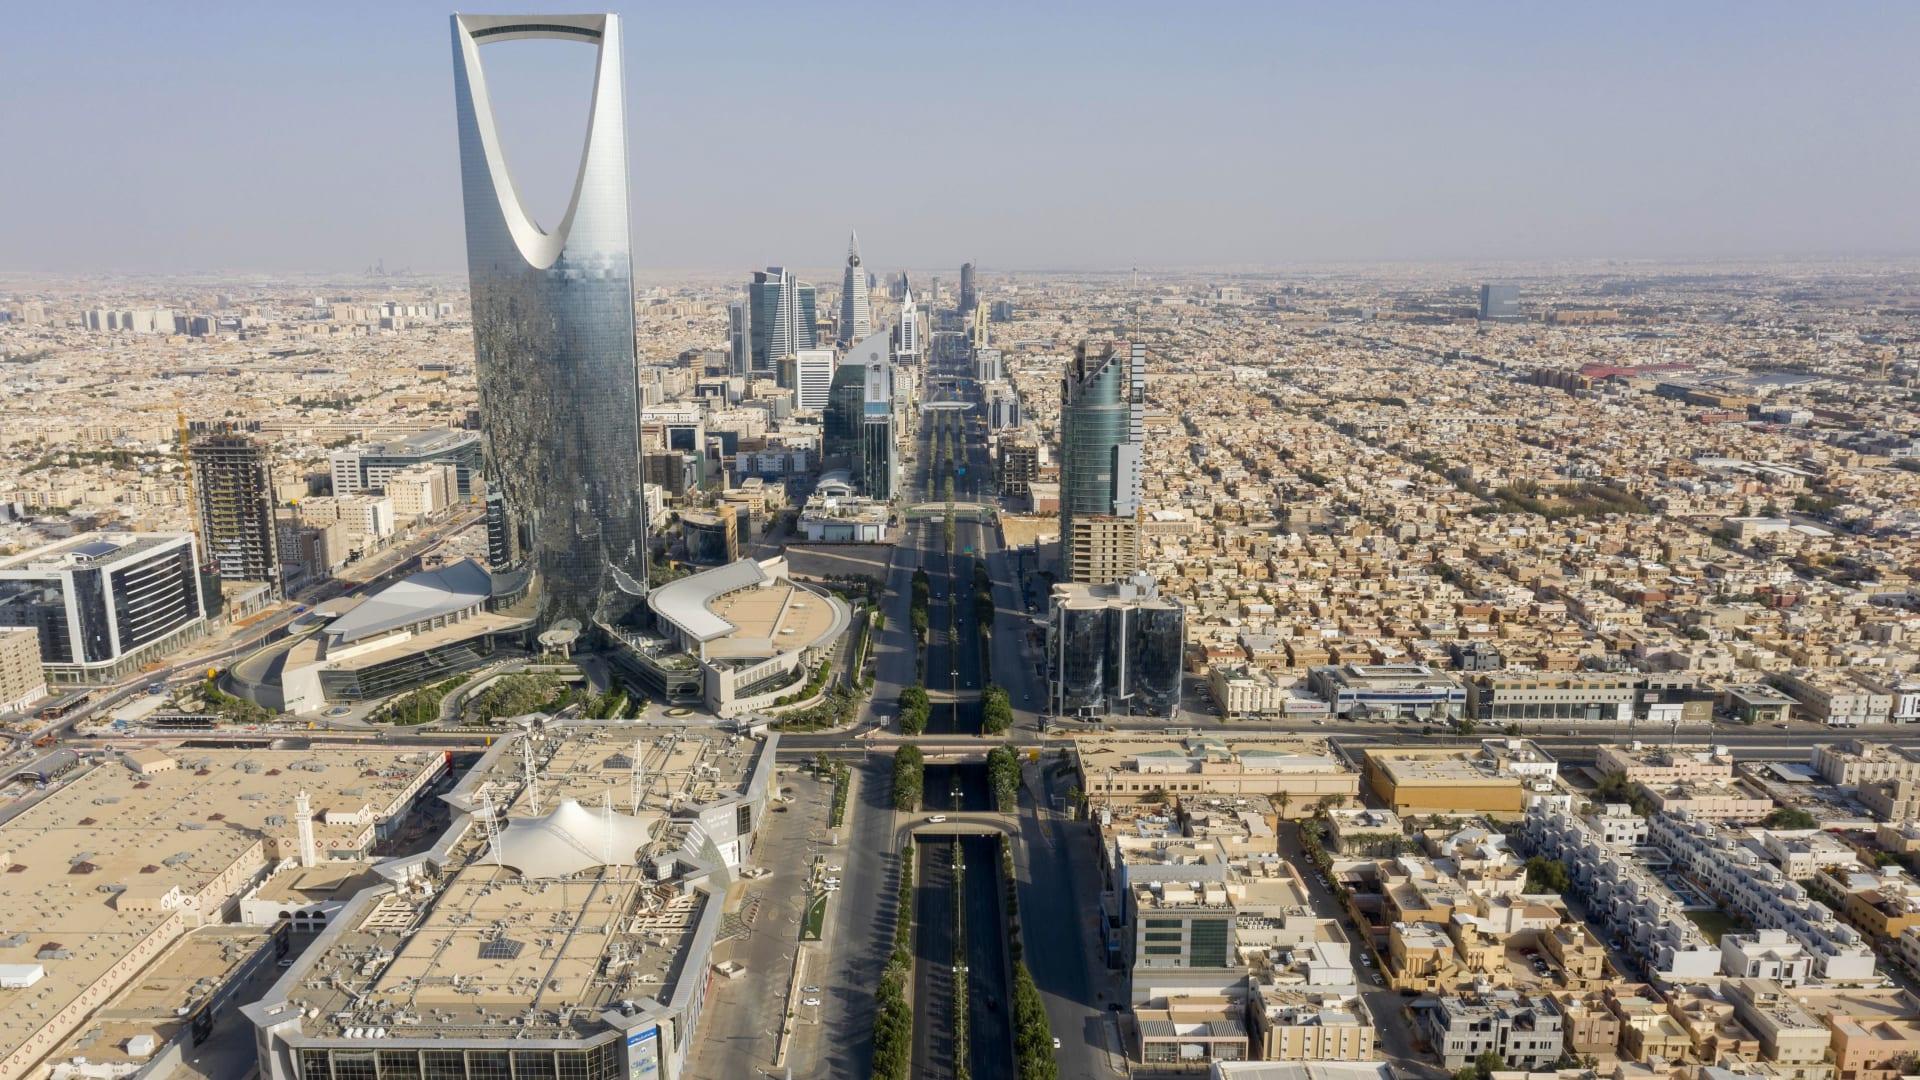 السعودية.. ما هو الرقم المطلوب لتصبح من أكبر 15 اقتصادا بالعالم؟ الفالح يوضح